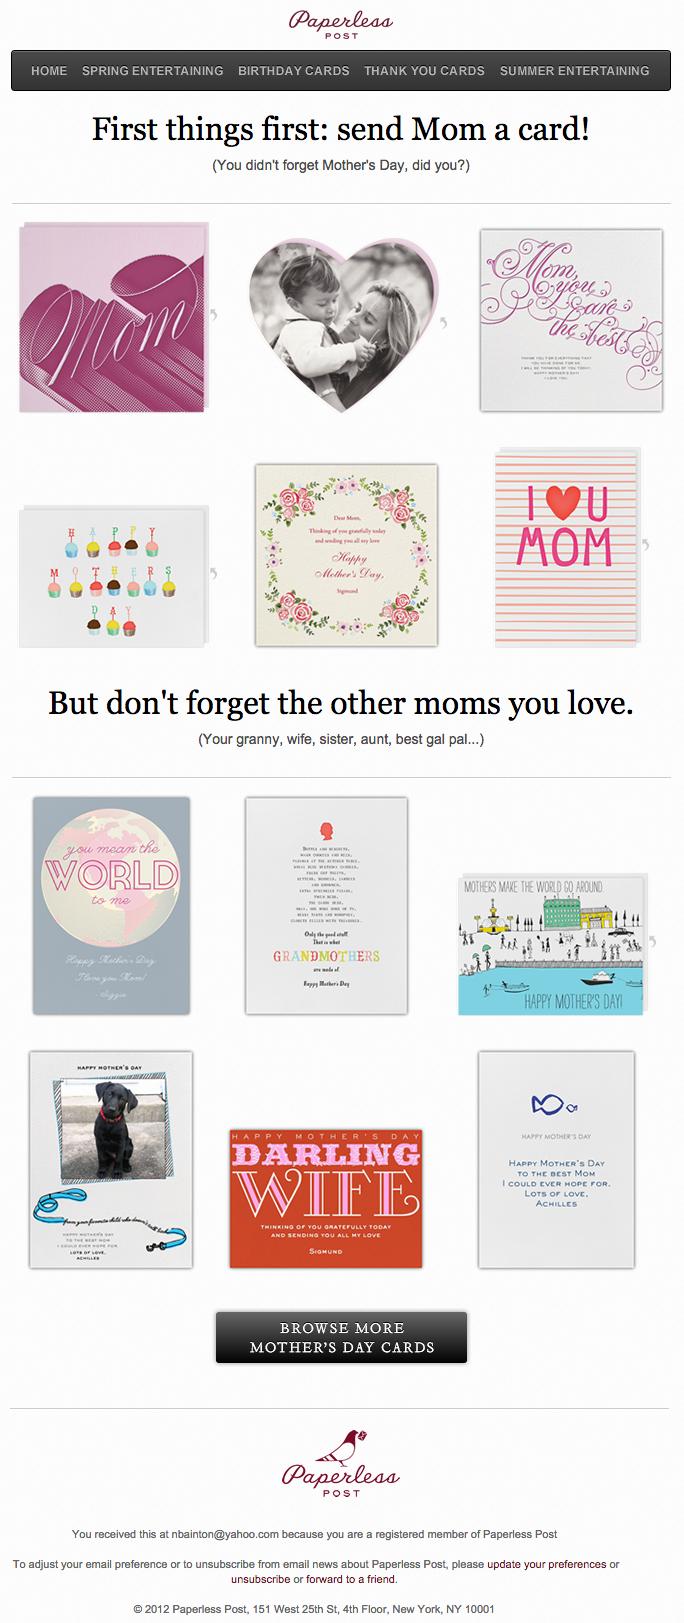 Beispiele herausragender E-Mail-Marketing-Kampagnen – Paperless Post